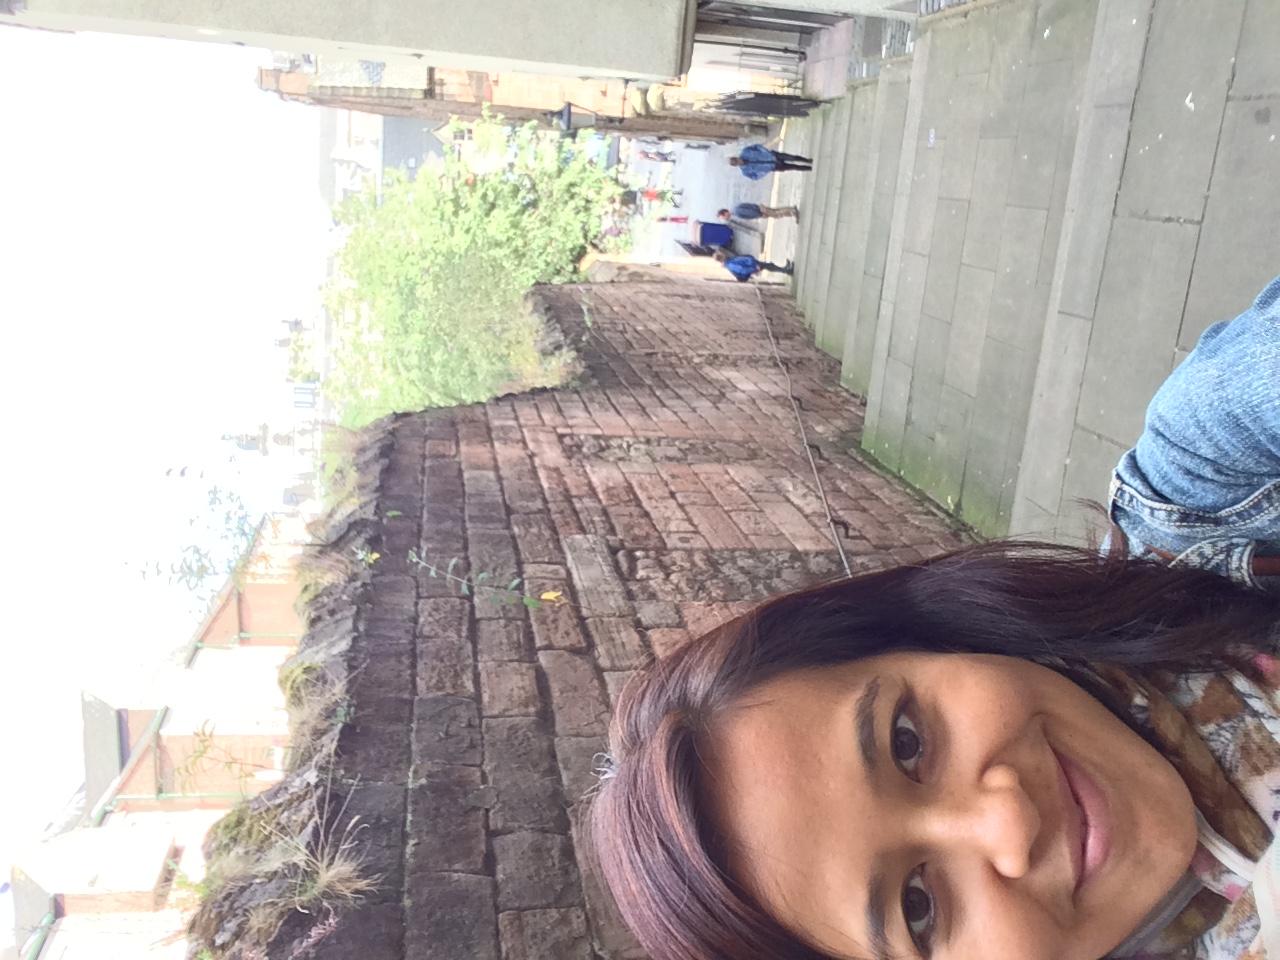 Random selfie wandering around Edinburgh yesterday.